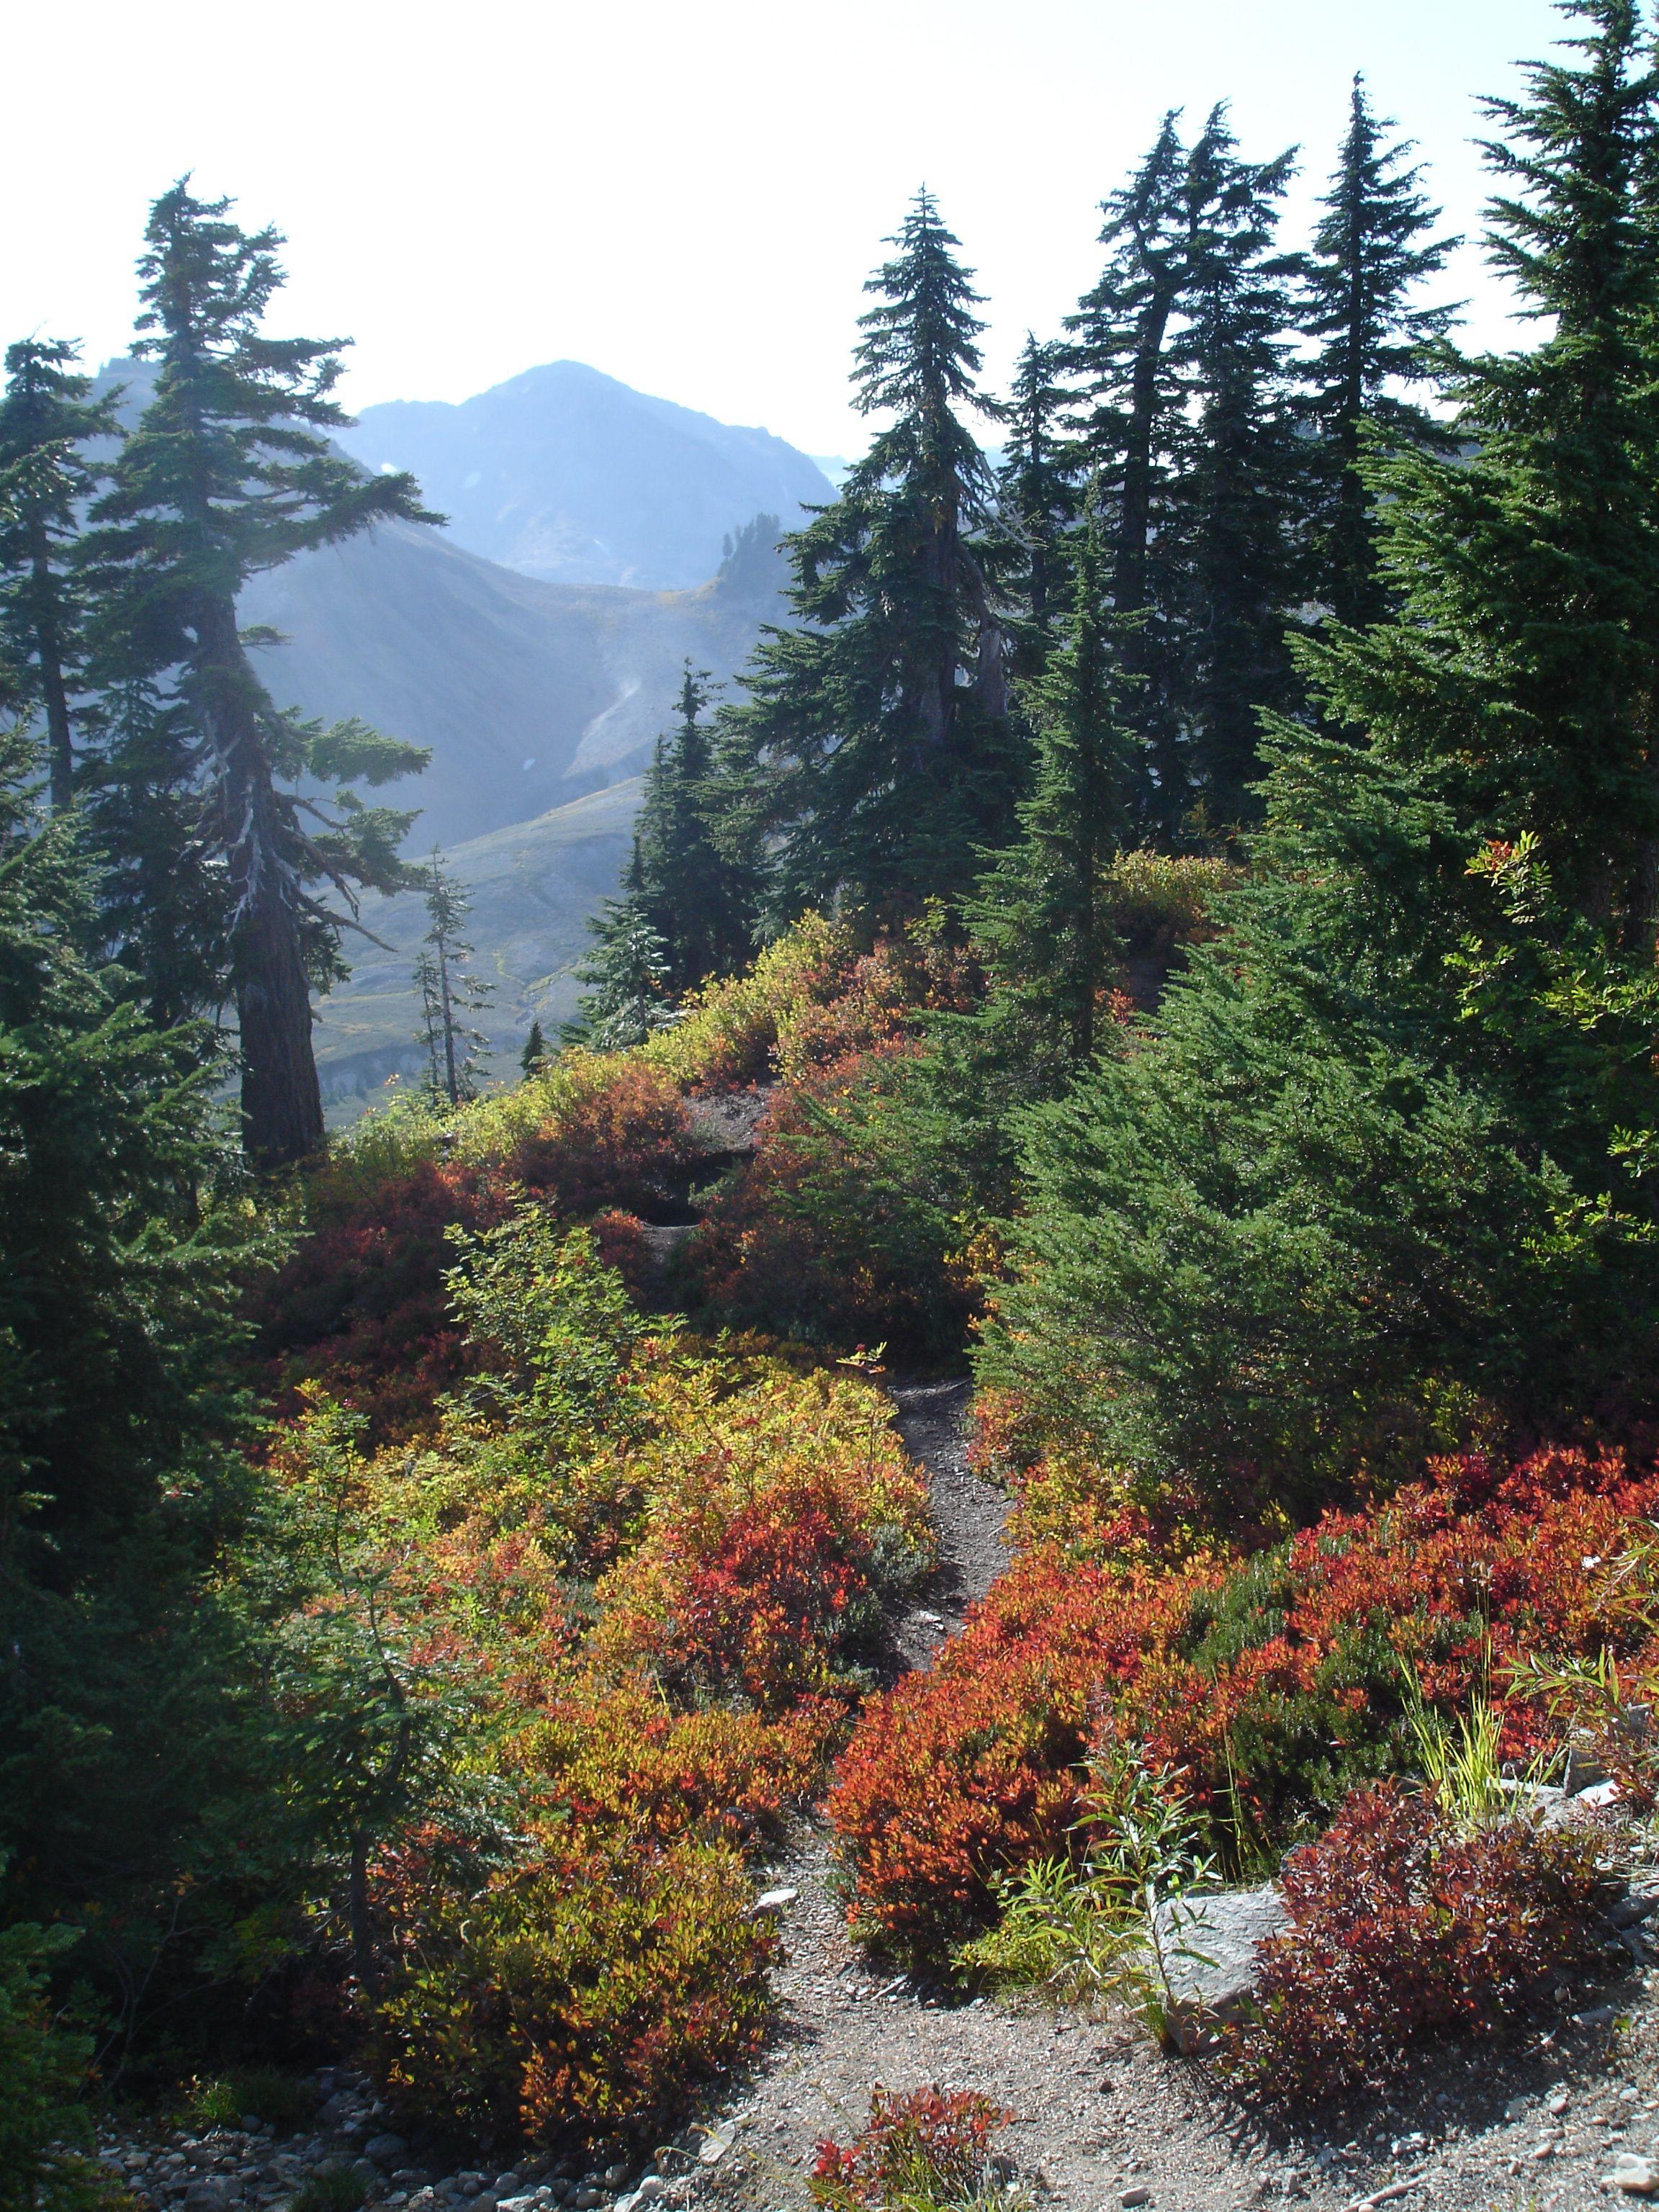 Artist Point, Mt.Baker Wilderness, Washington state